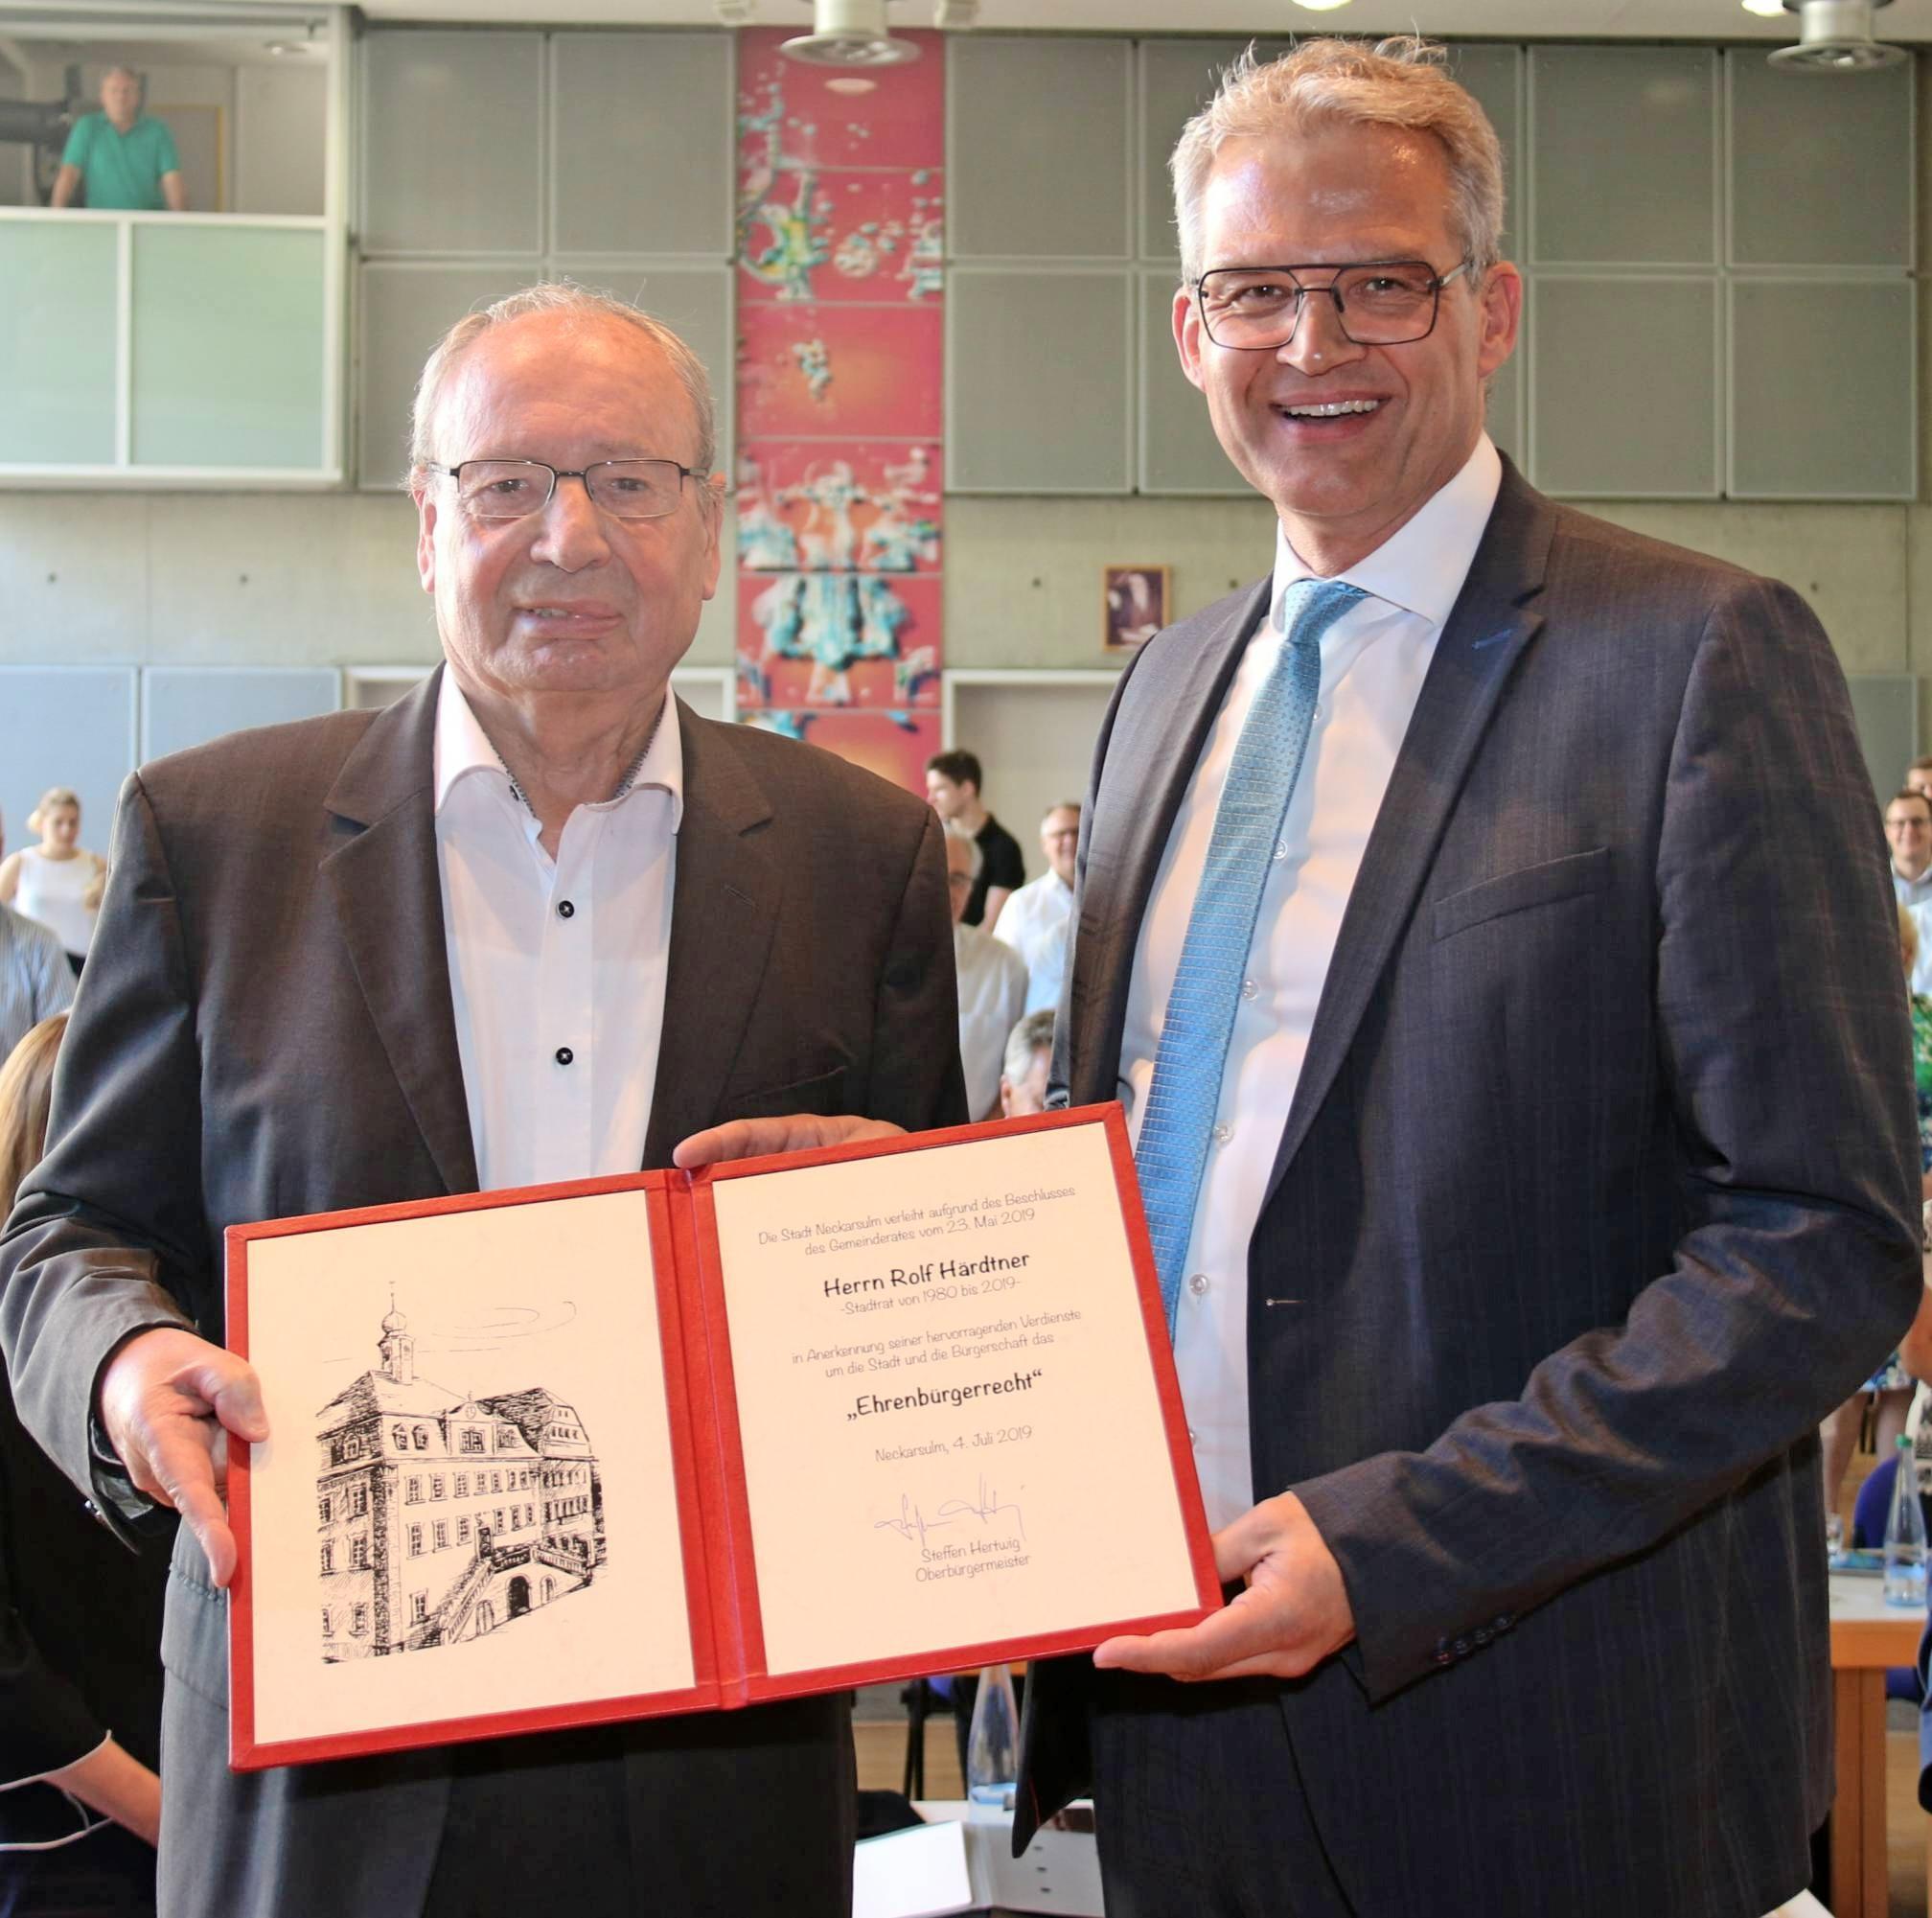 Der scheidende SPD-Stadtrat Rolf Härdtner (links) nimmt aus den Händen von Oberbürgermeister Steffen Hertwig den Ehrenbürgerbrief entgegen. Foto: snp